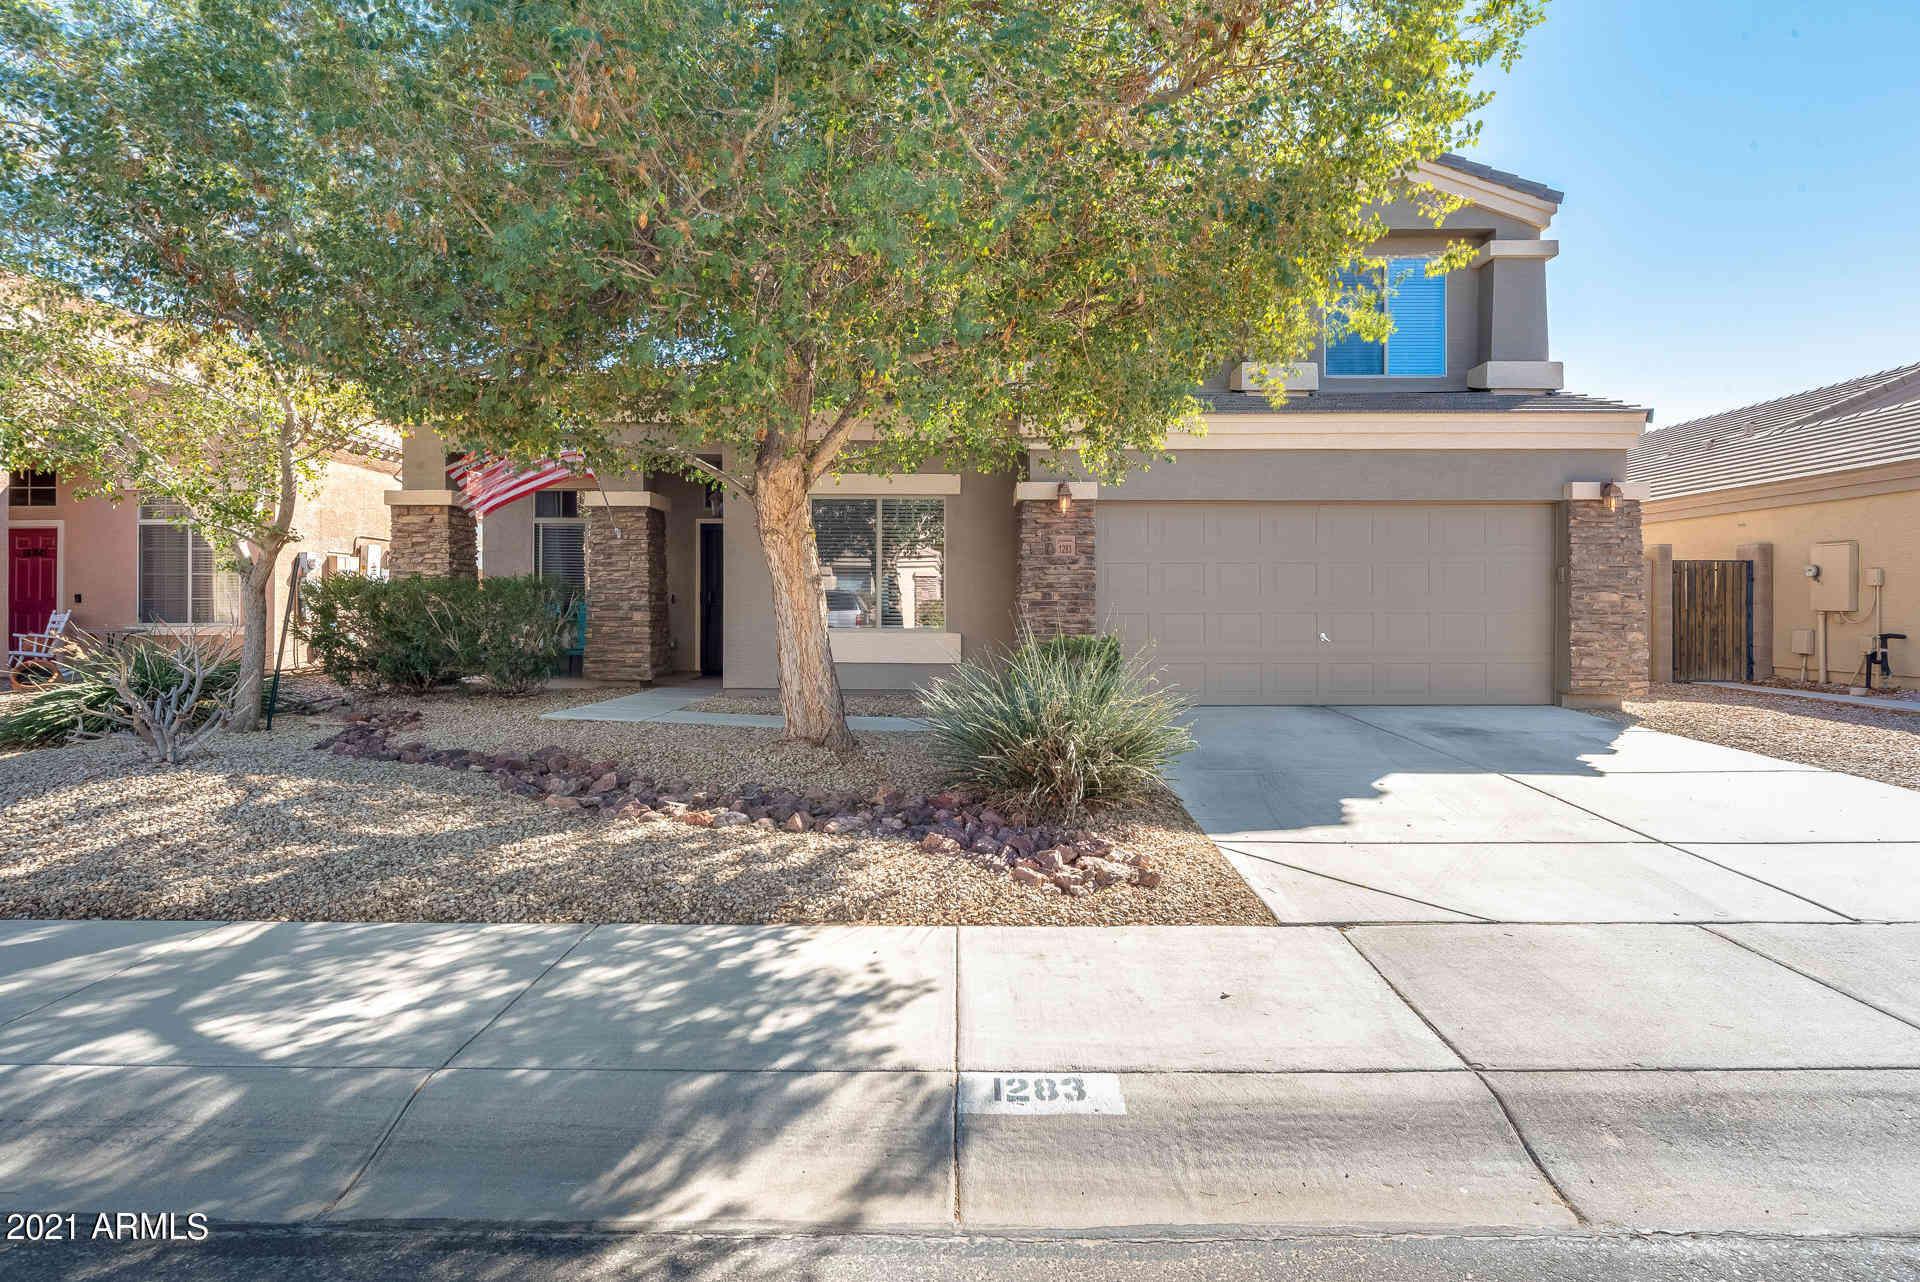 1283 W BEACON Court, Casa Grande, AZ, 85122,